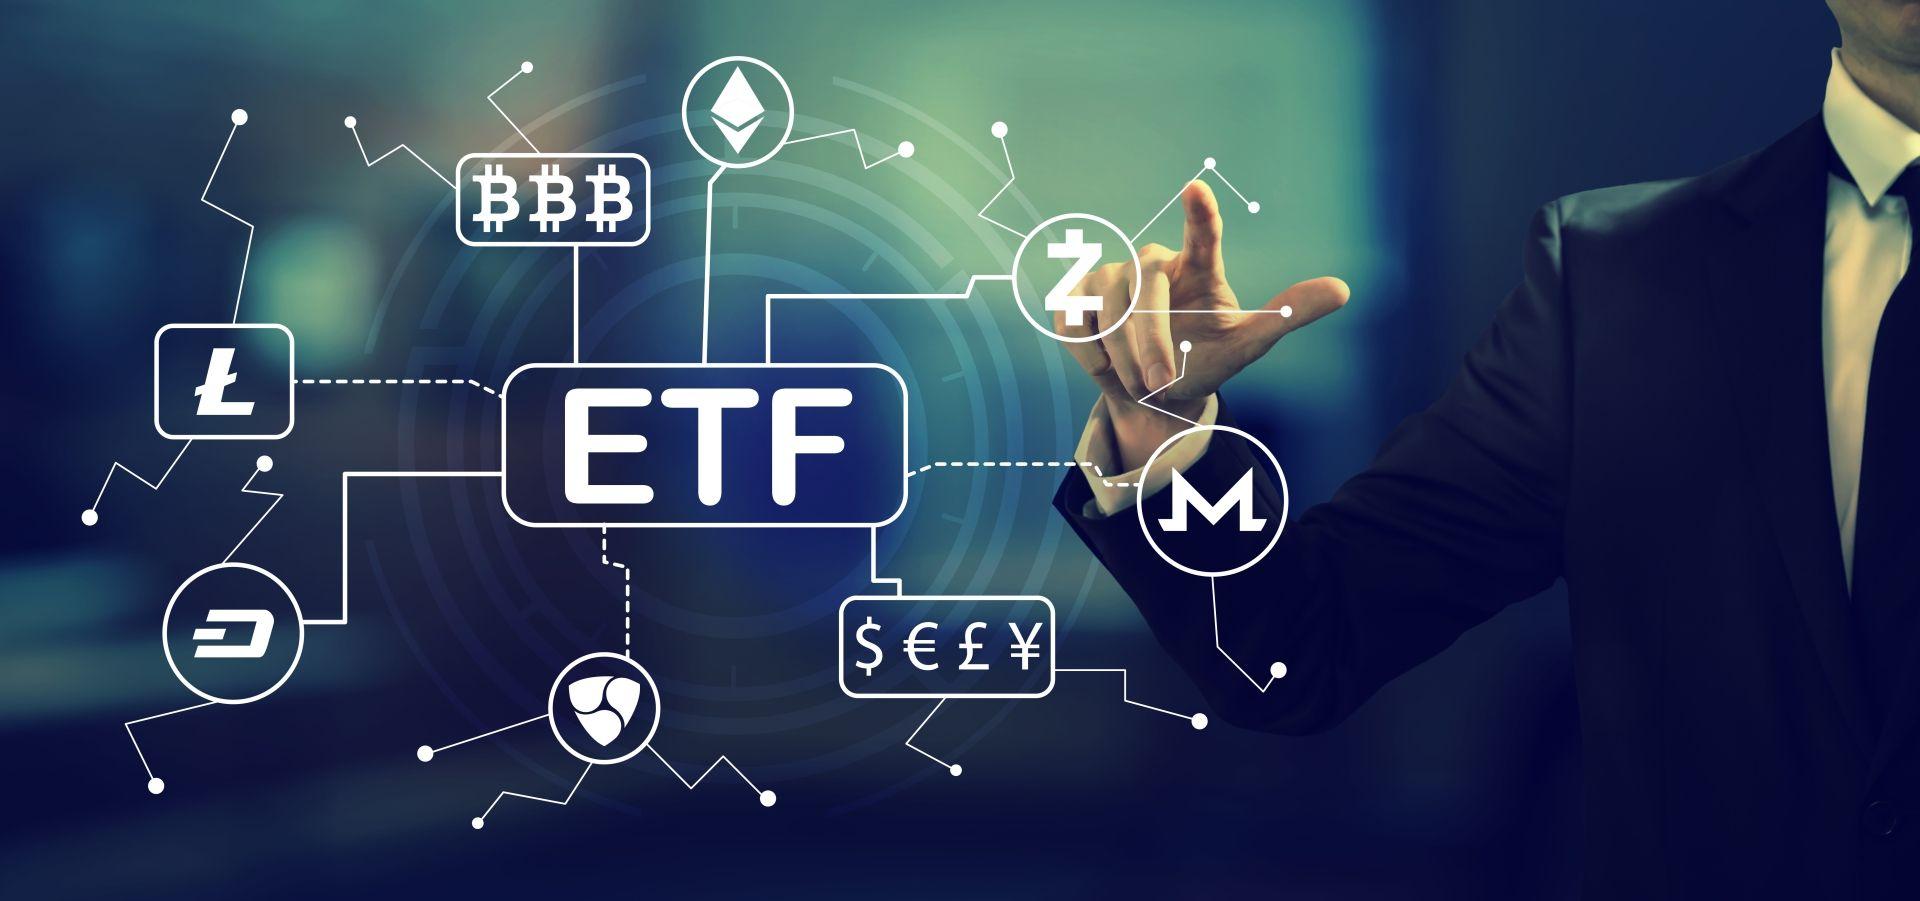 Investire Europei In Suoi Wisdomtree Prodotti Quotati I Modifica Borsa rBCshxtQdo